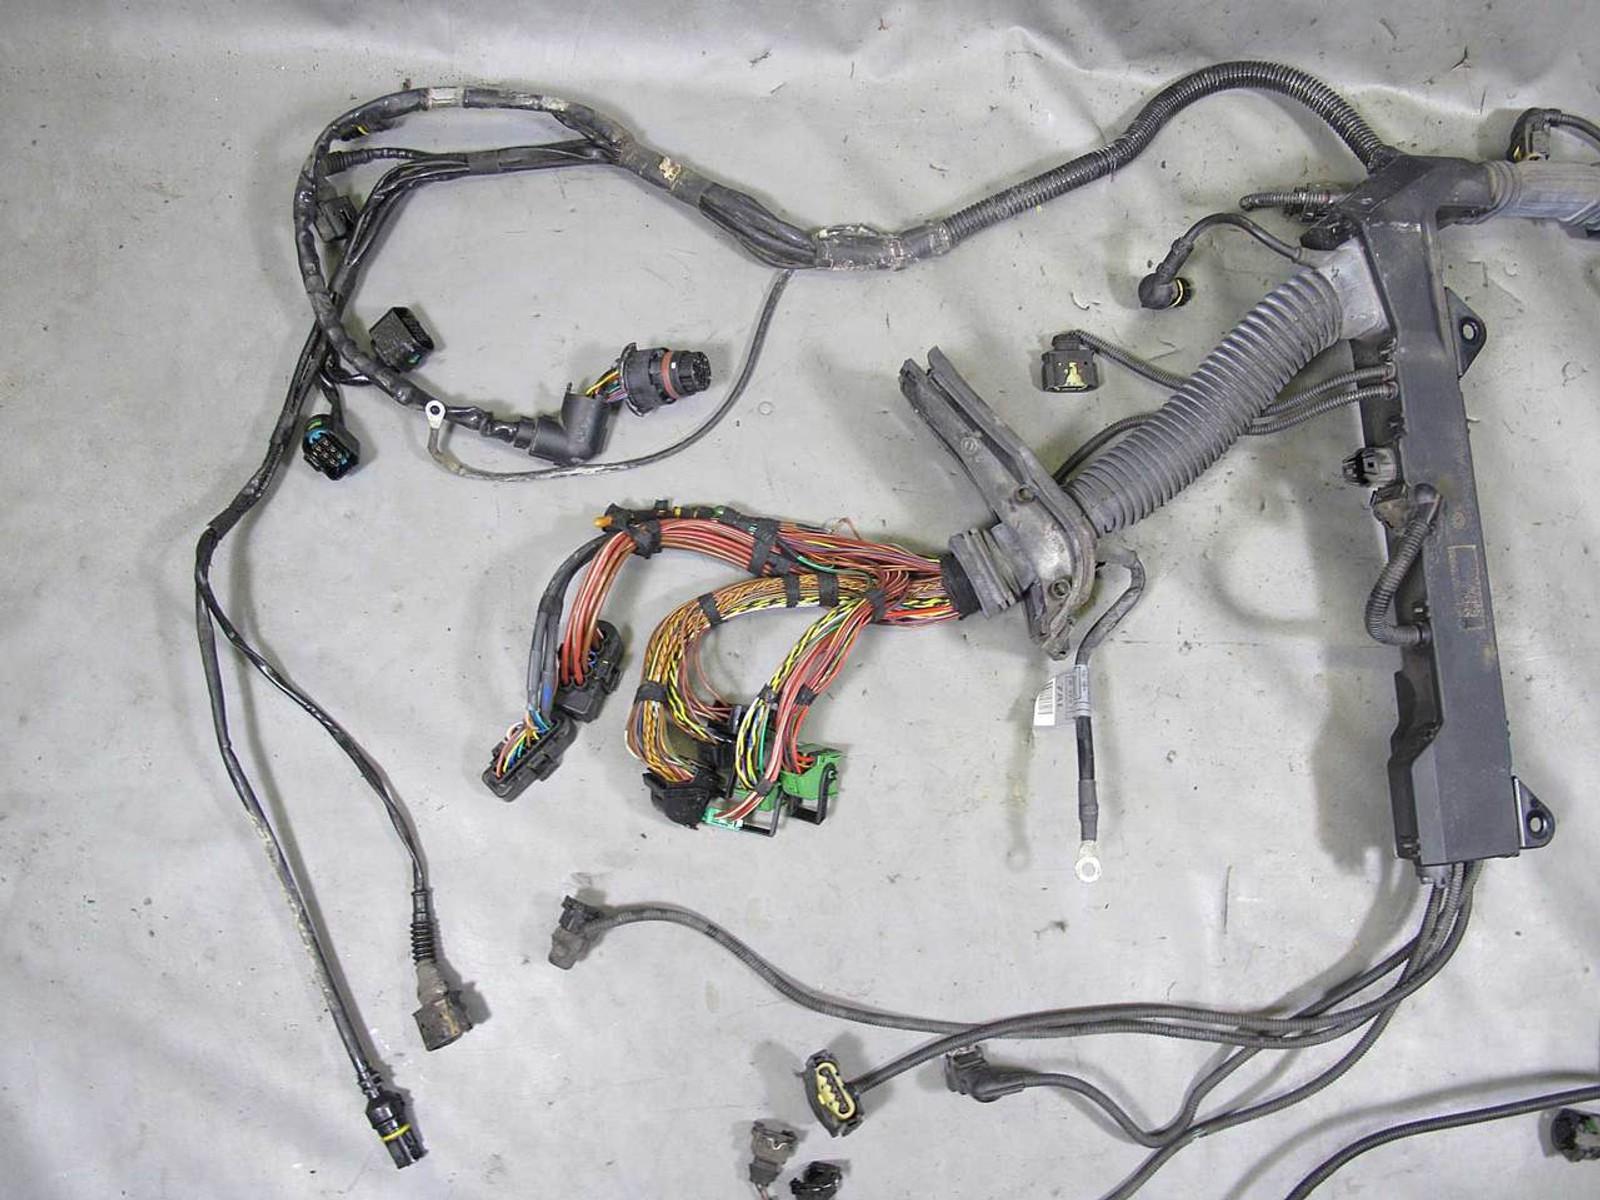 medium resolution of bmw e65 e66 745i 745il n62 v8 engine wiring harness w brokenbmw 745 wiring 8